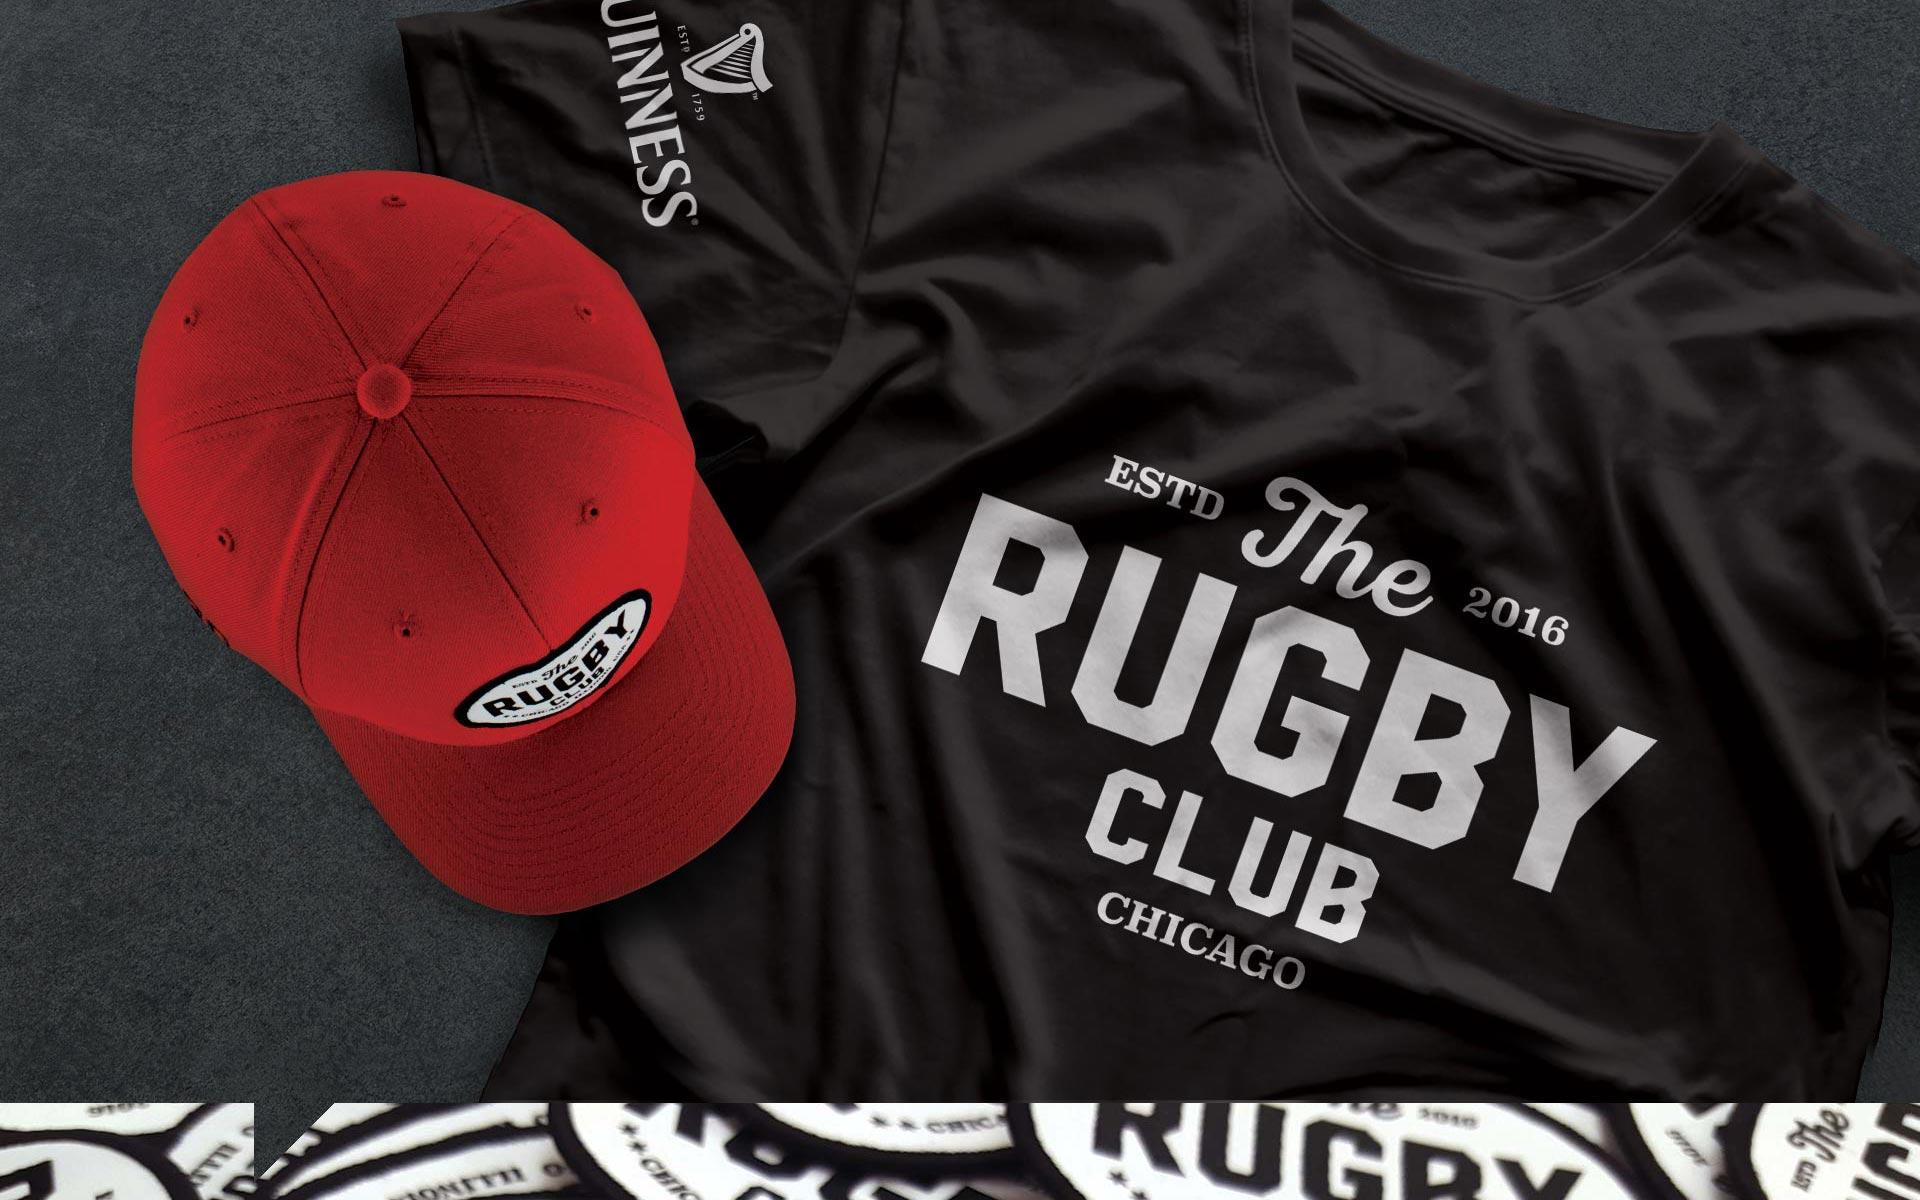 Rugby Club - Brand Identity Shirt